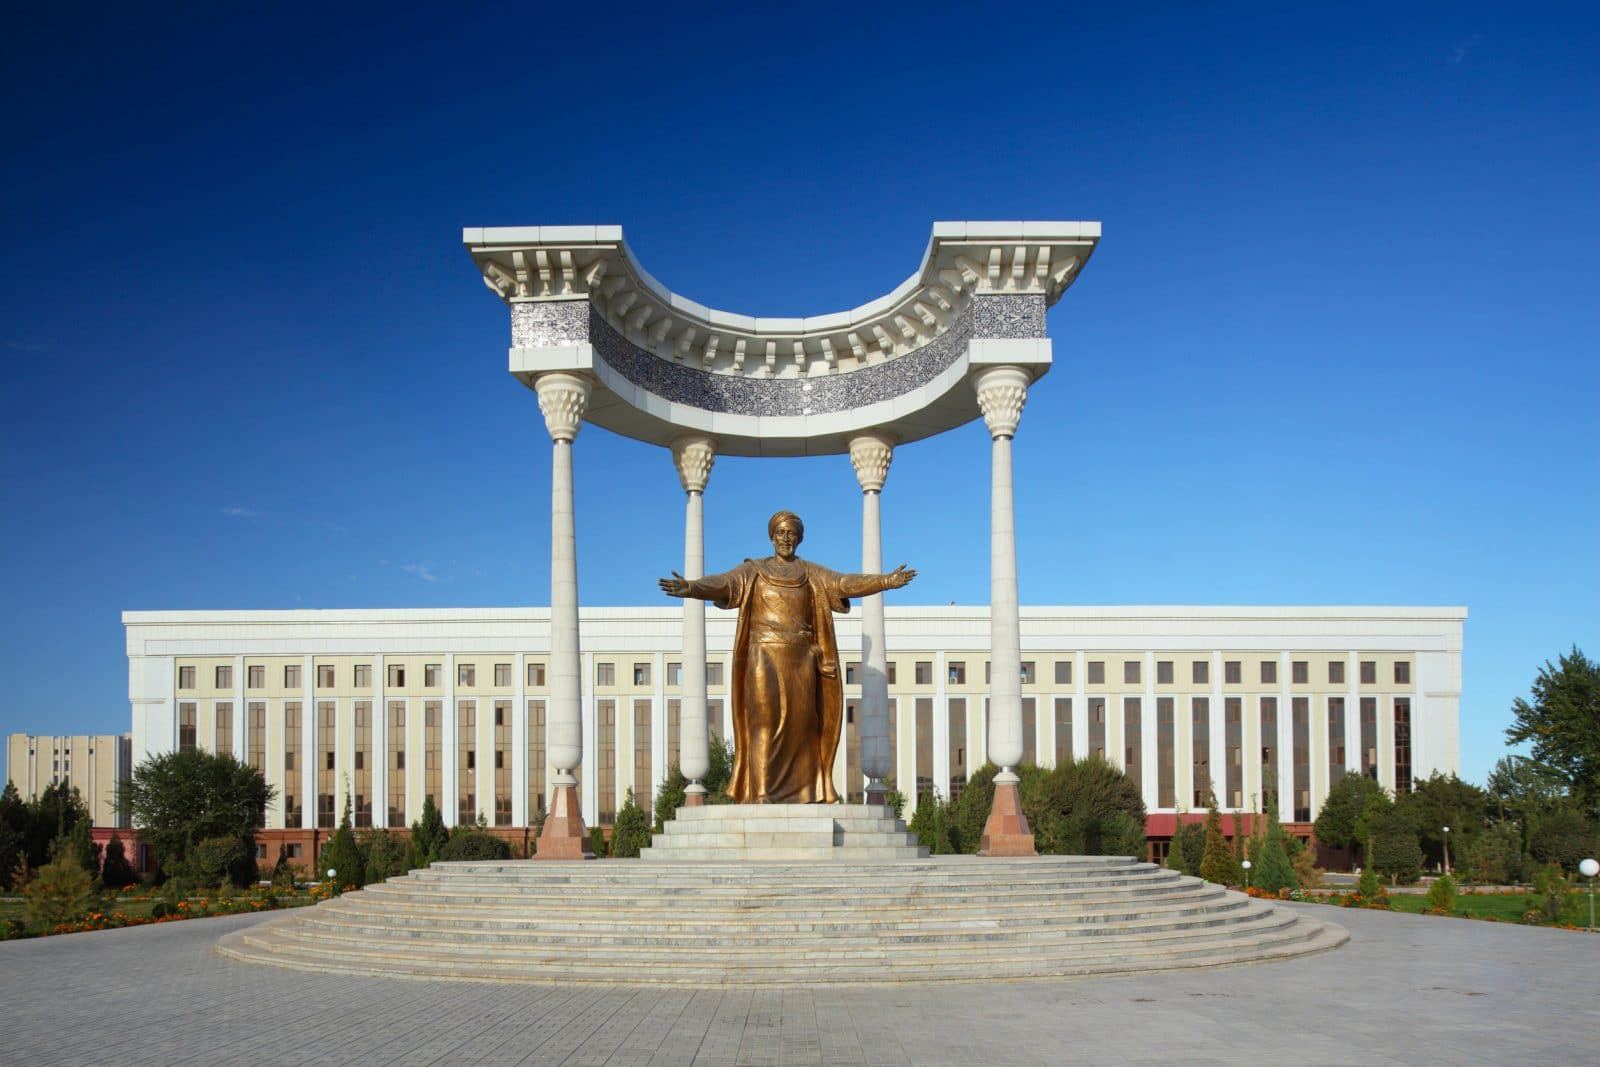 Urgench Uzbequistao